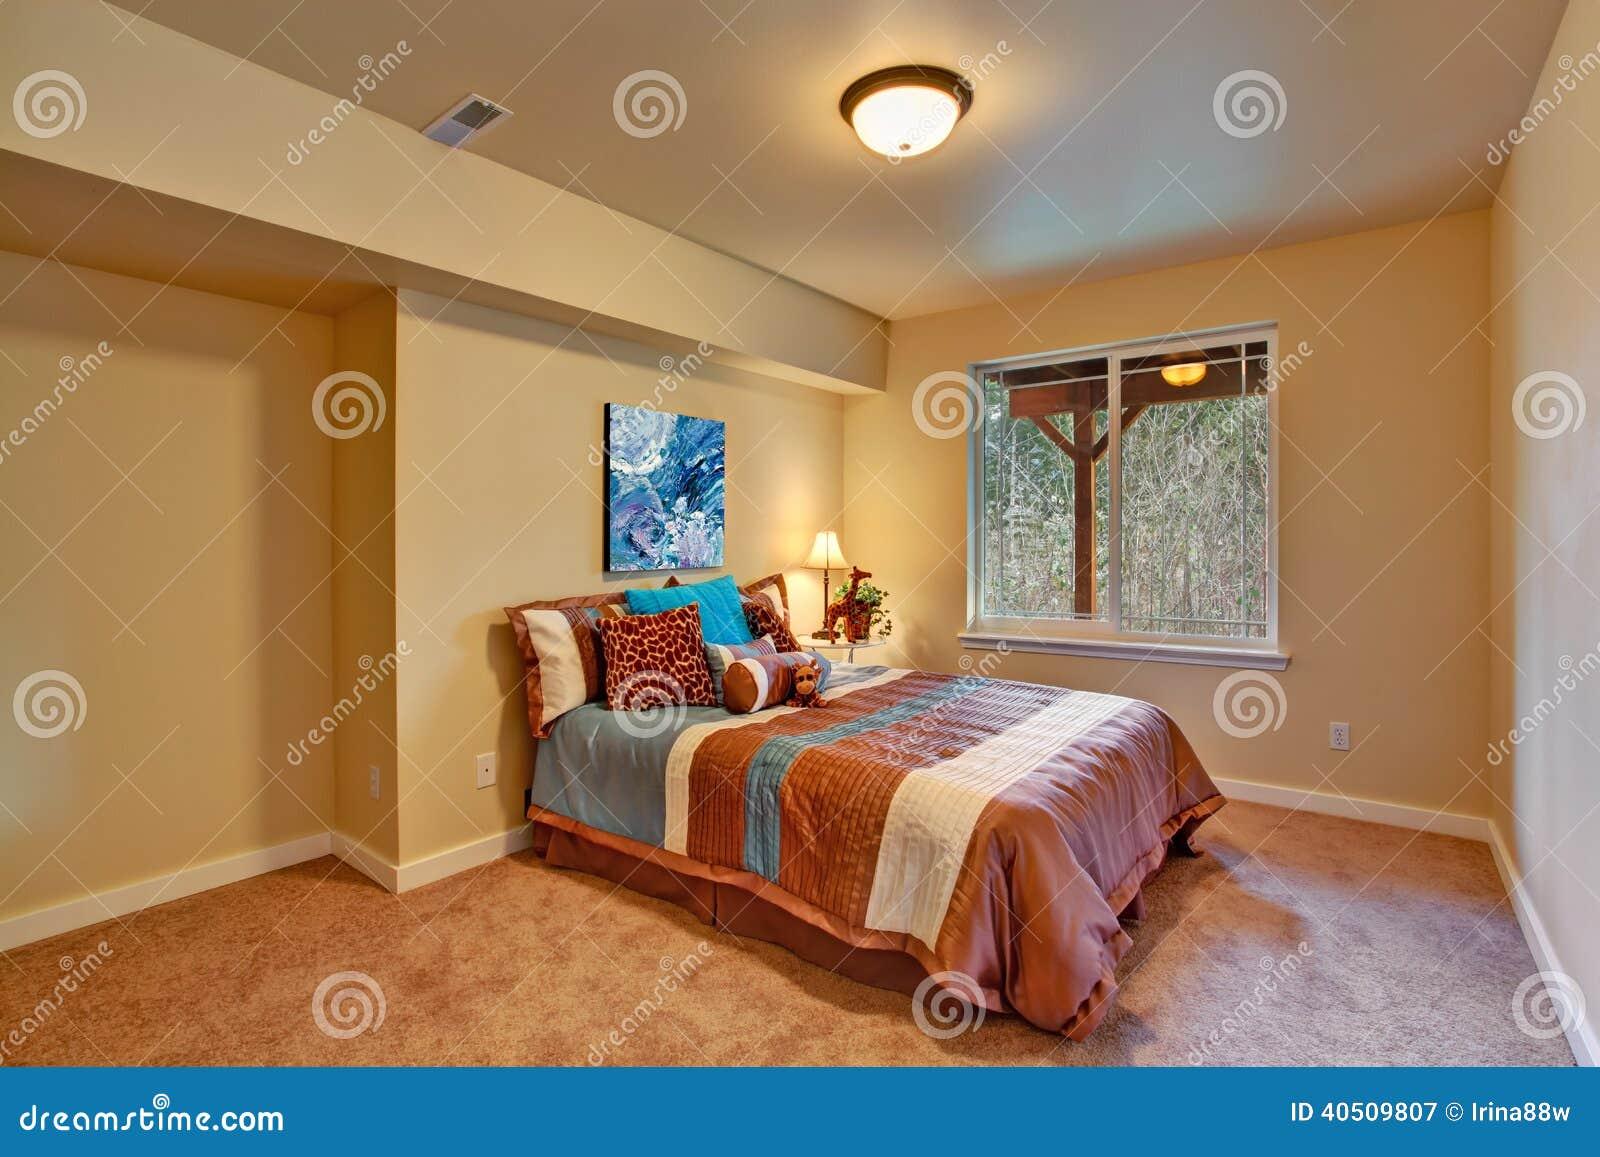 Int rieur de chambre coucher accompli dans le th me for Belle chambre coucher